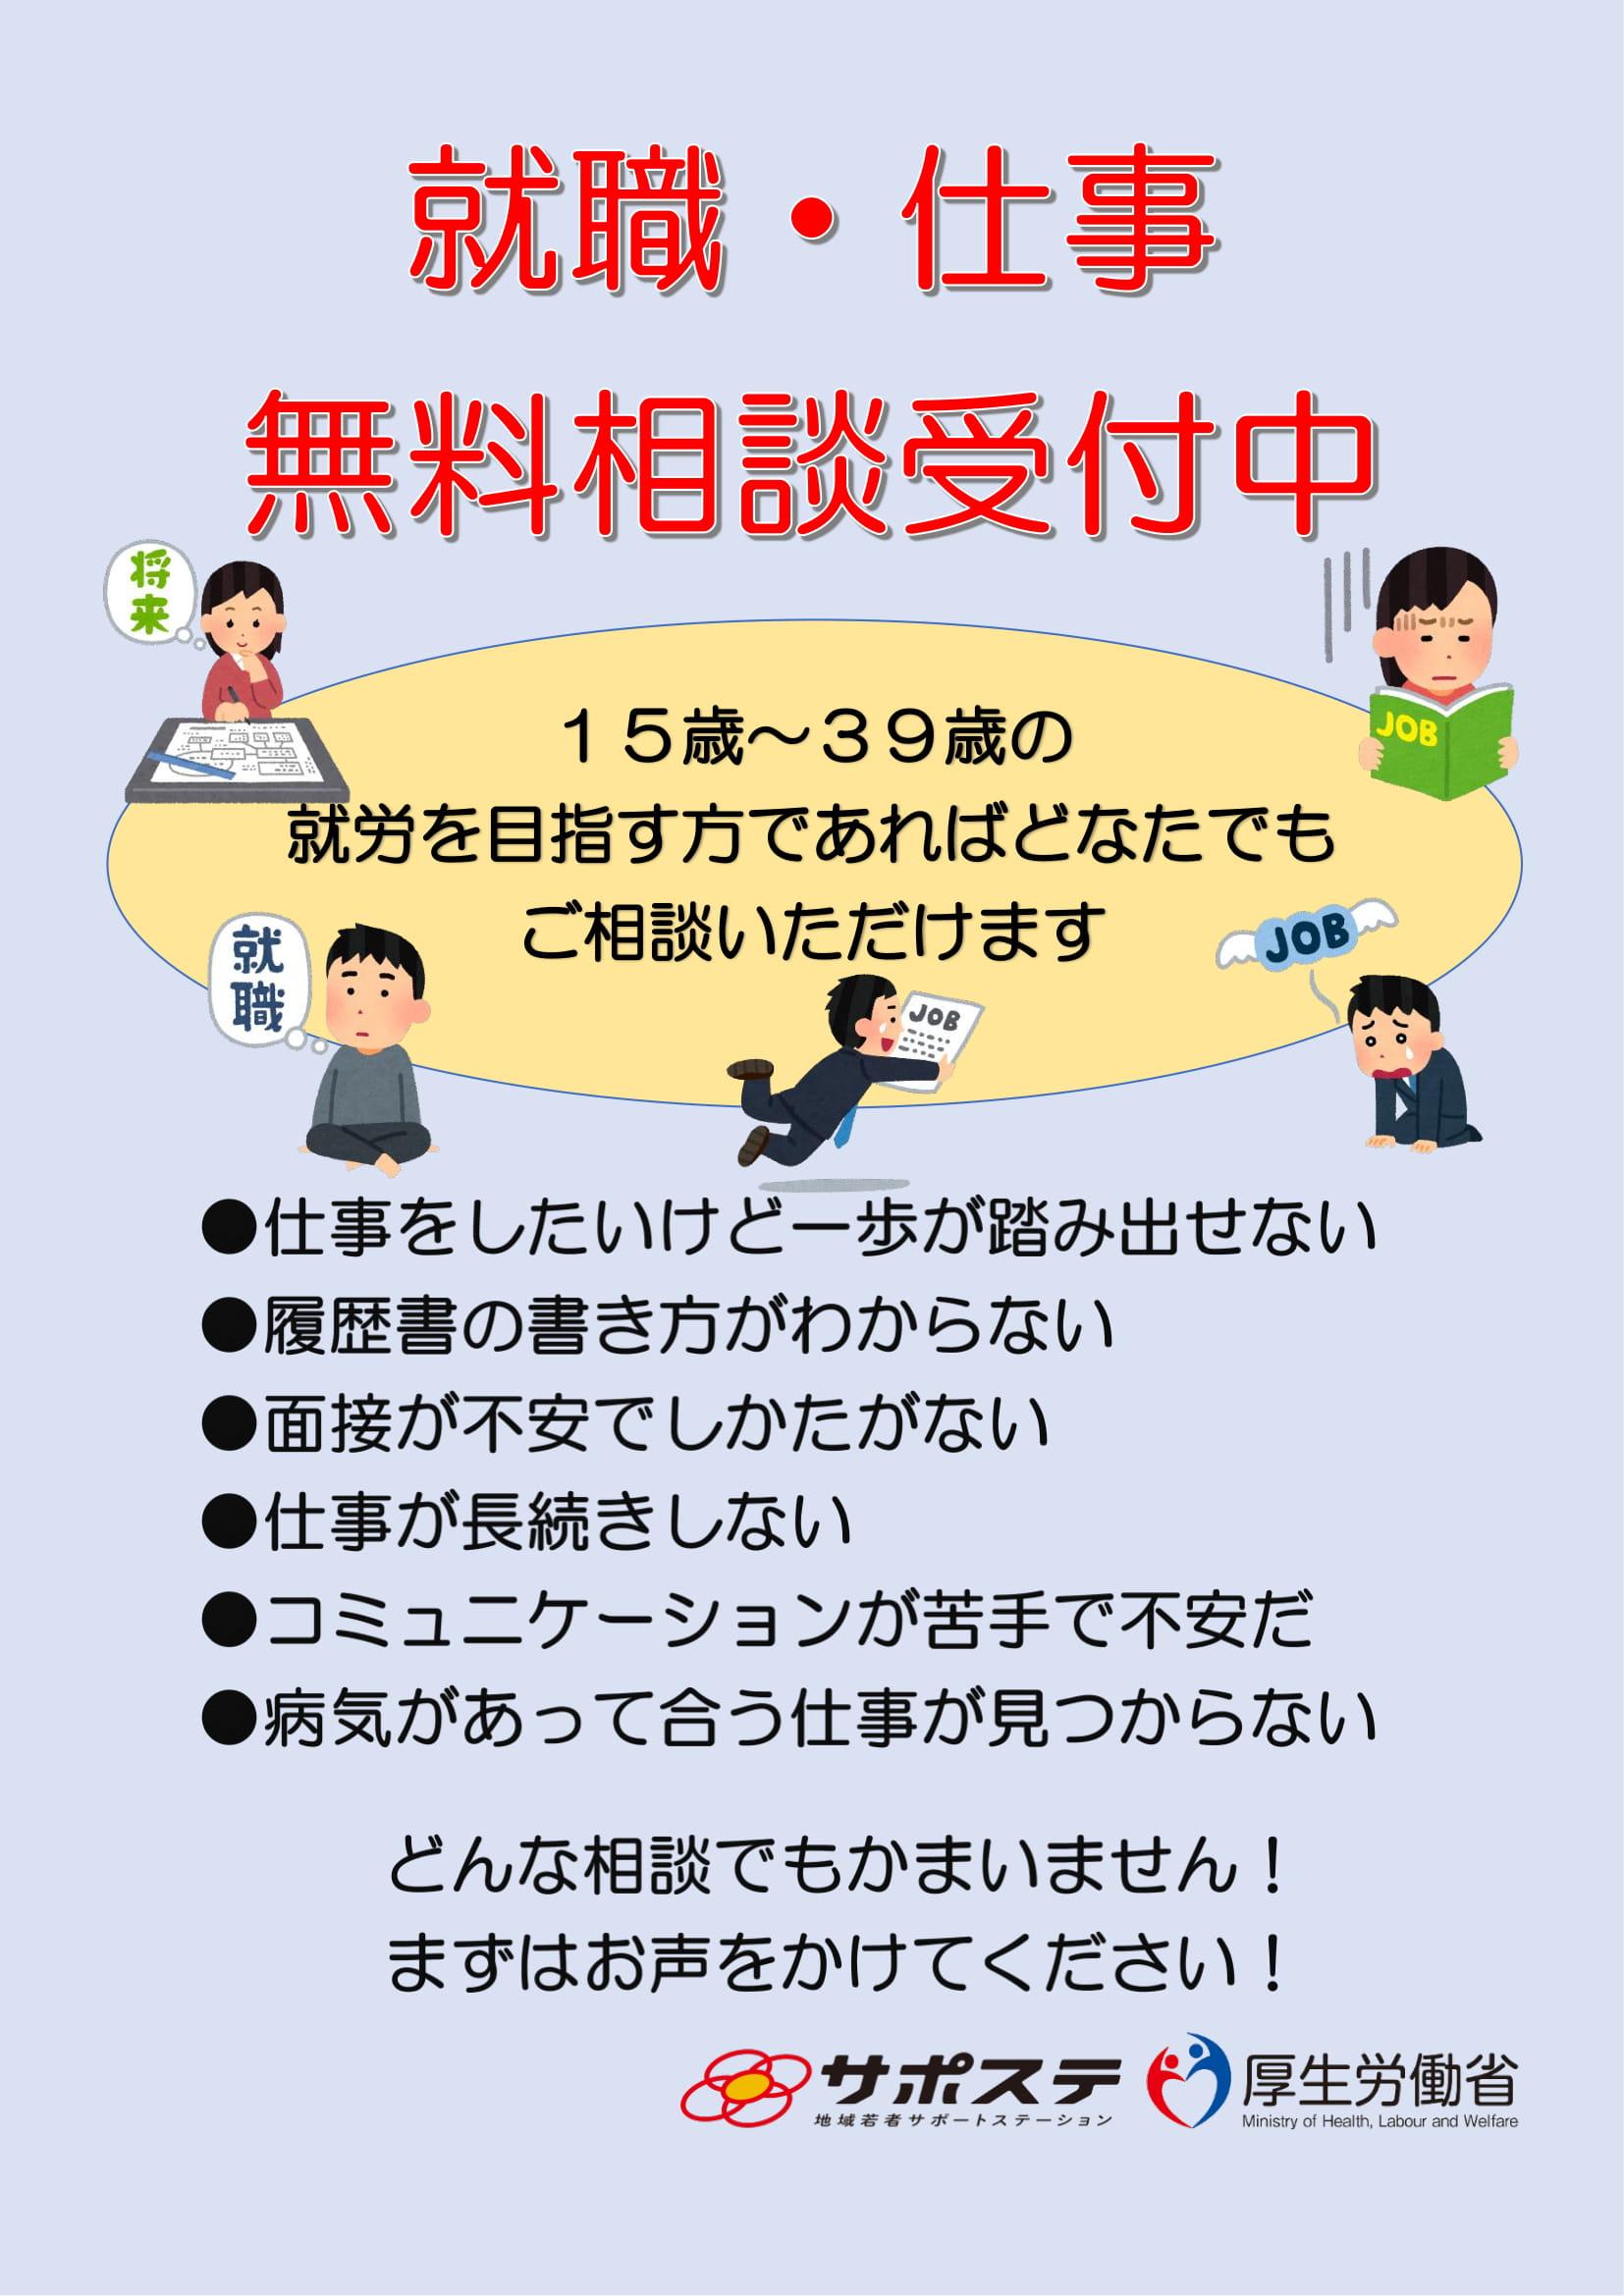 就労に関する無料相談受付中-1